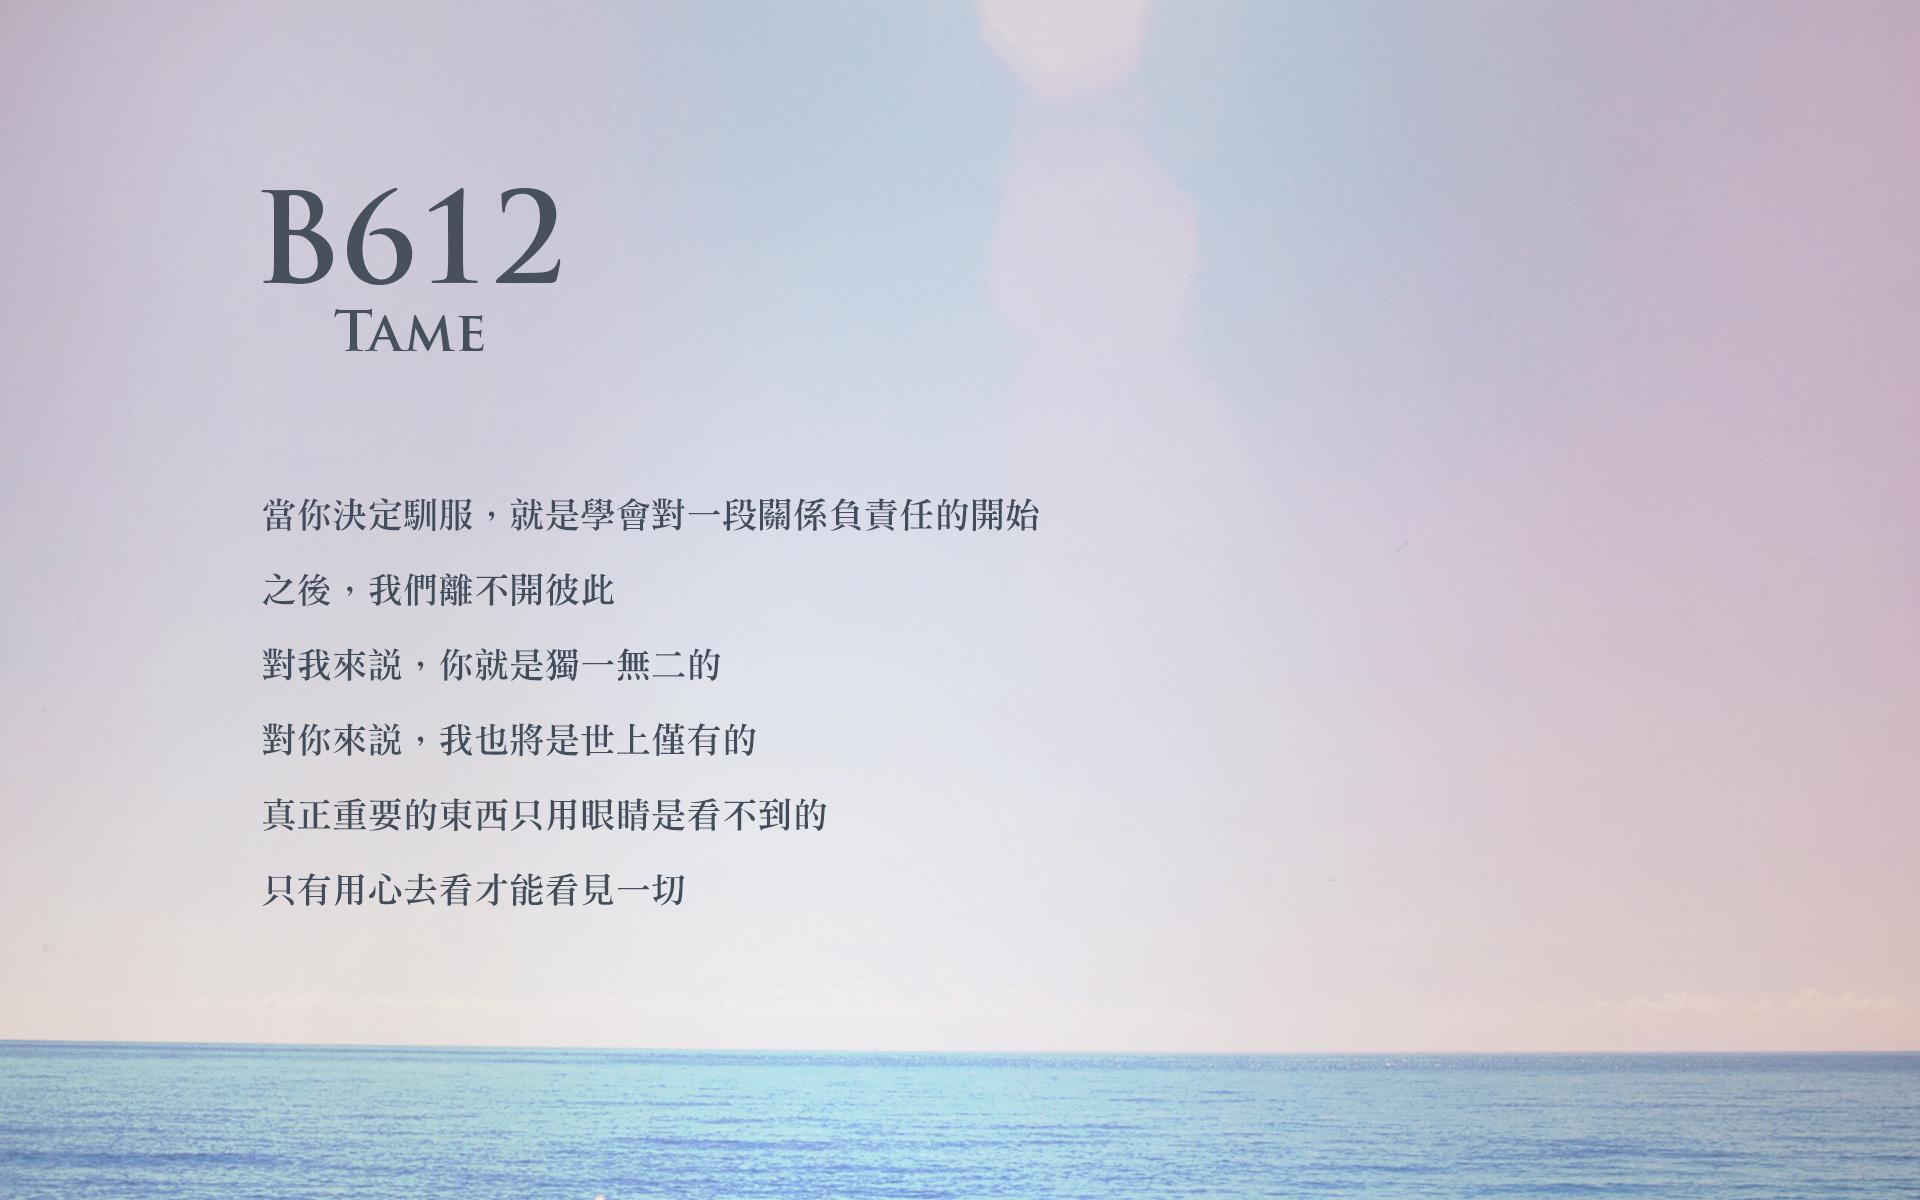 B612.jpg